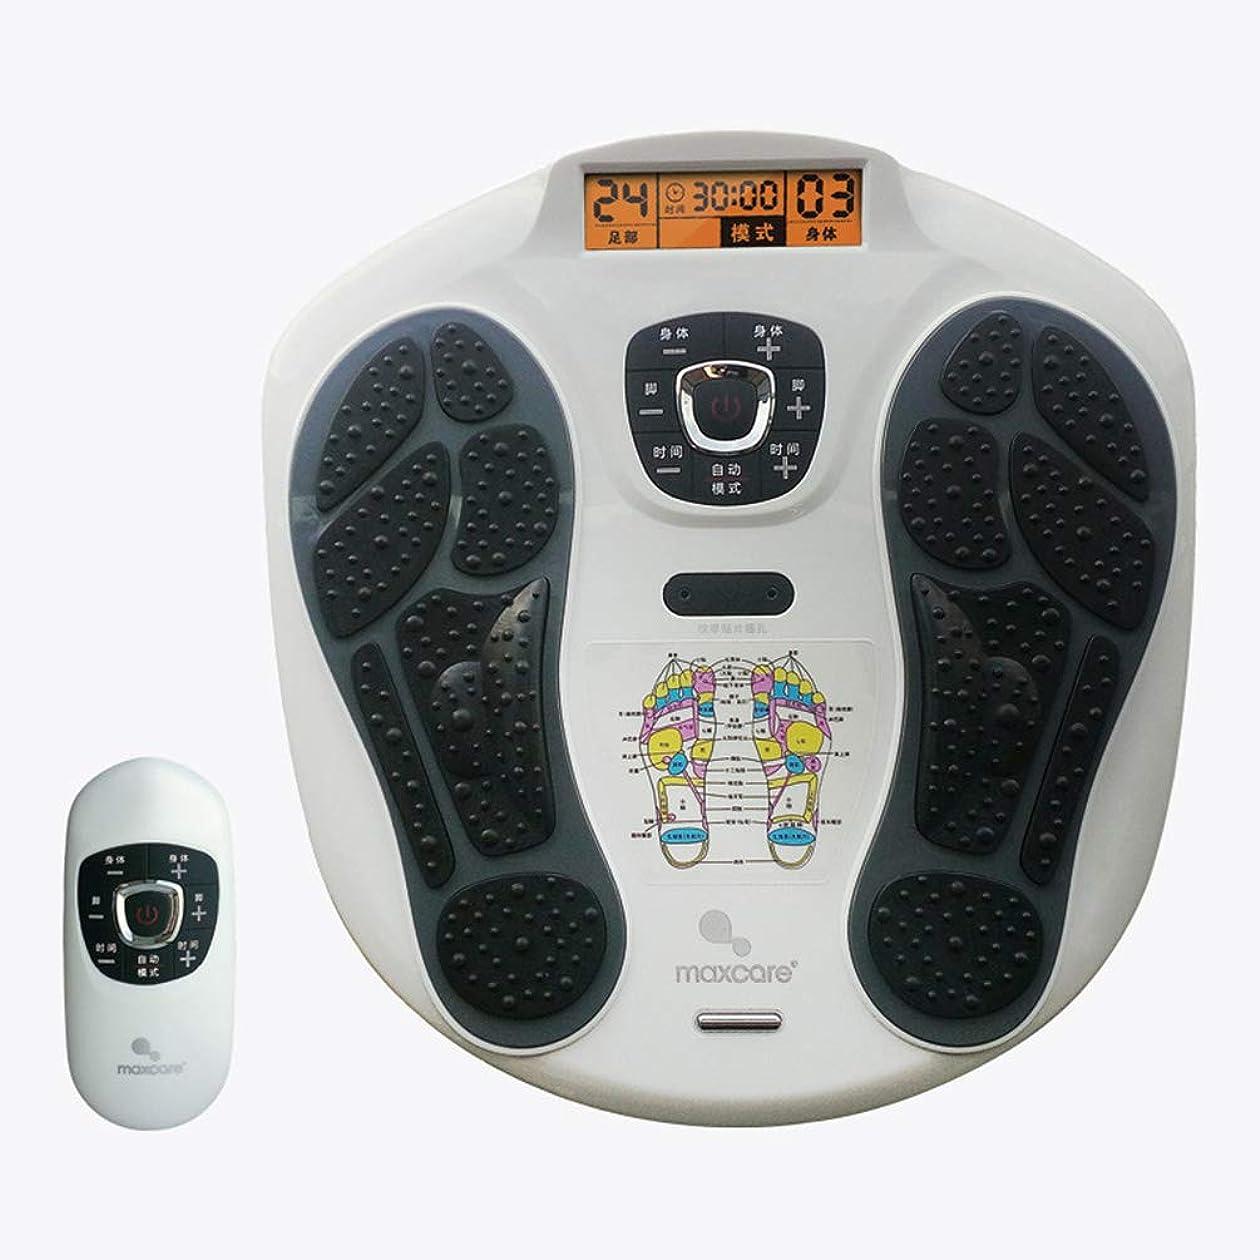 曖昧な親愛な凍る足マッサージャー指圧、ワイヤレスコントロール、足マッサージ機電気足マッサージャーと足底筋膜炎痛みホームオフィス